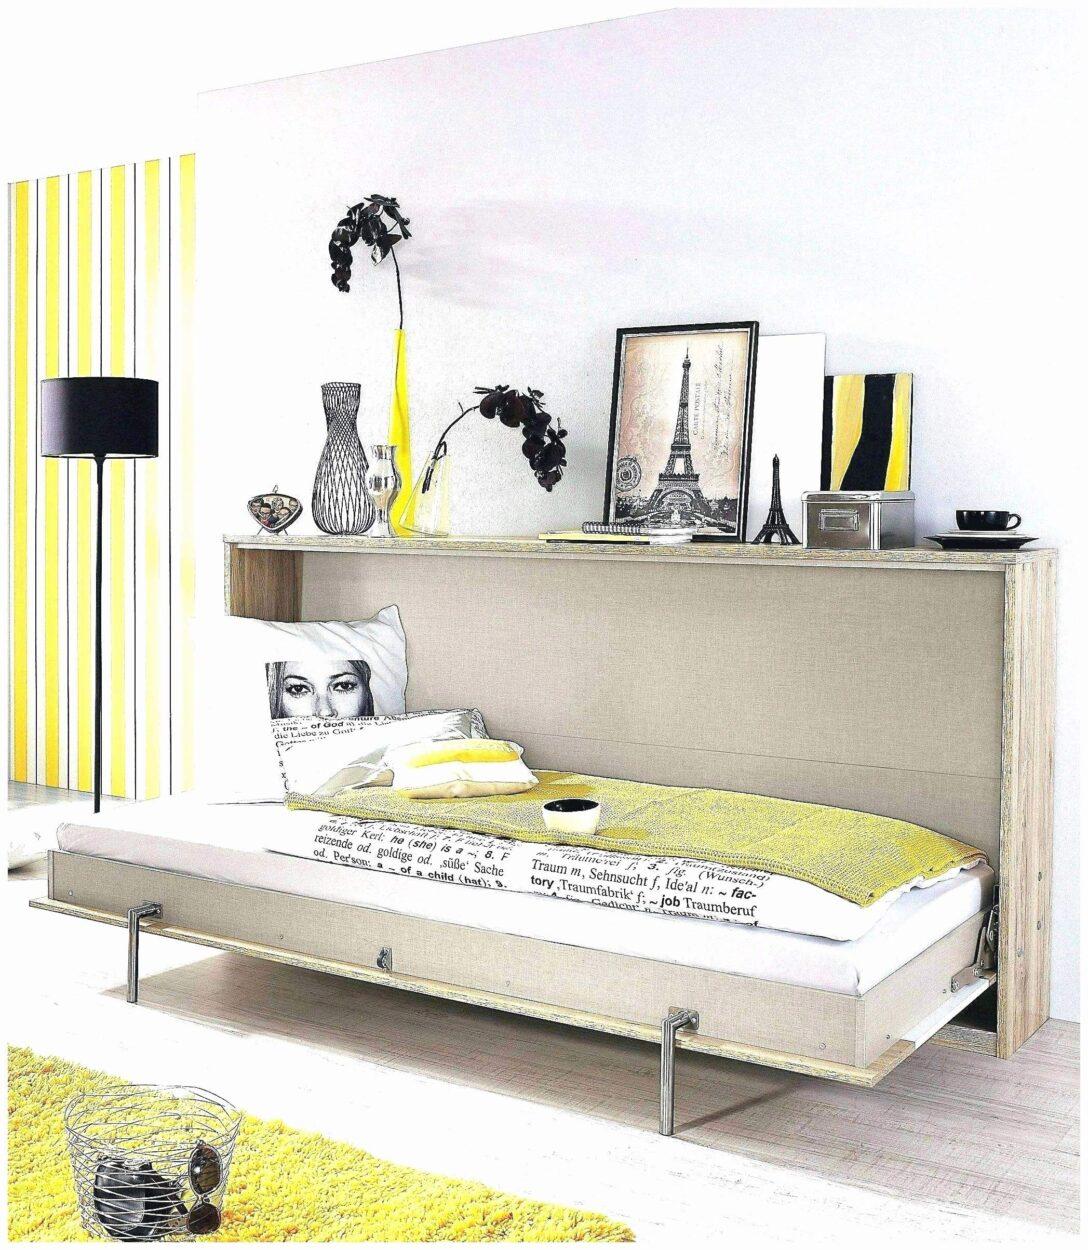 Large Size of Ikea Miniküche Küche Kaufen Betten 160x200 Kosten Bei Sofa Mit Schlaffunktion Modulküche Wohnzimmer Wohnzimmerlampen Ikea